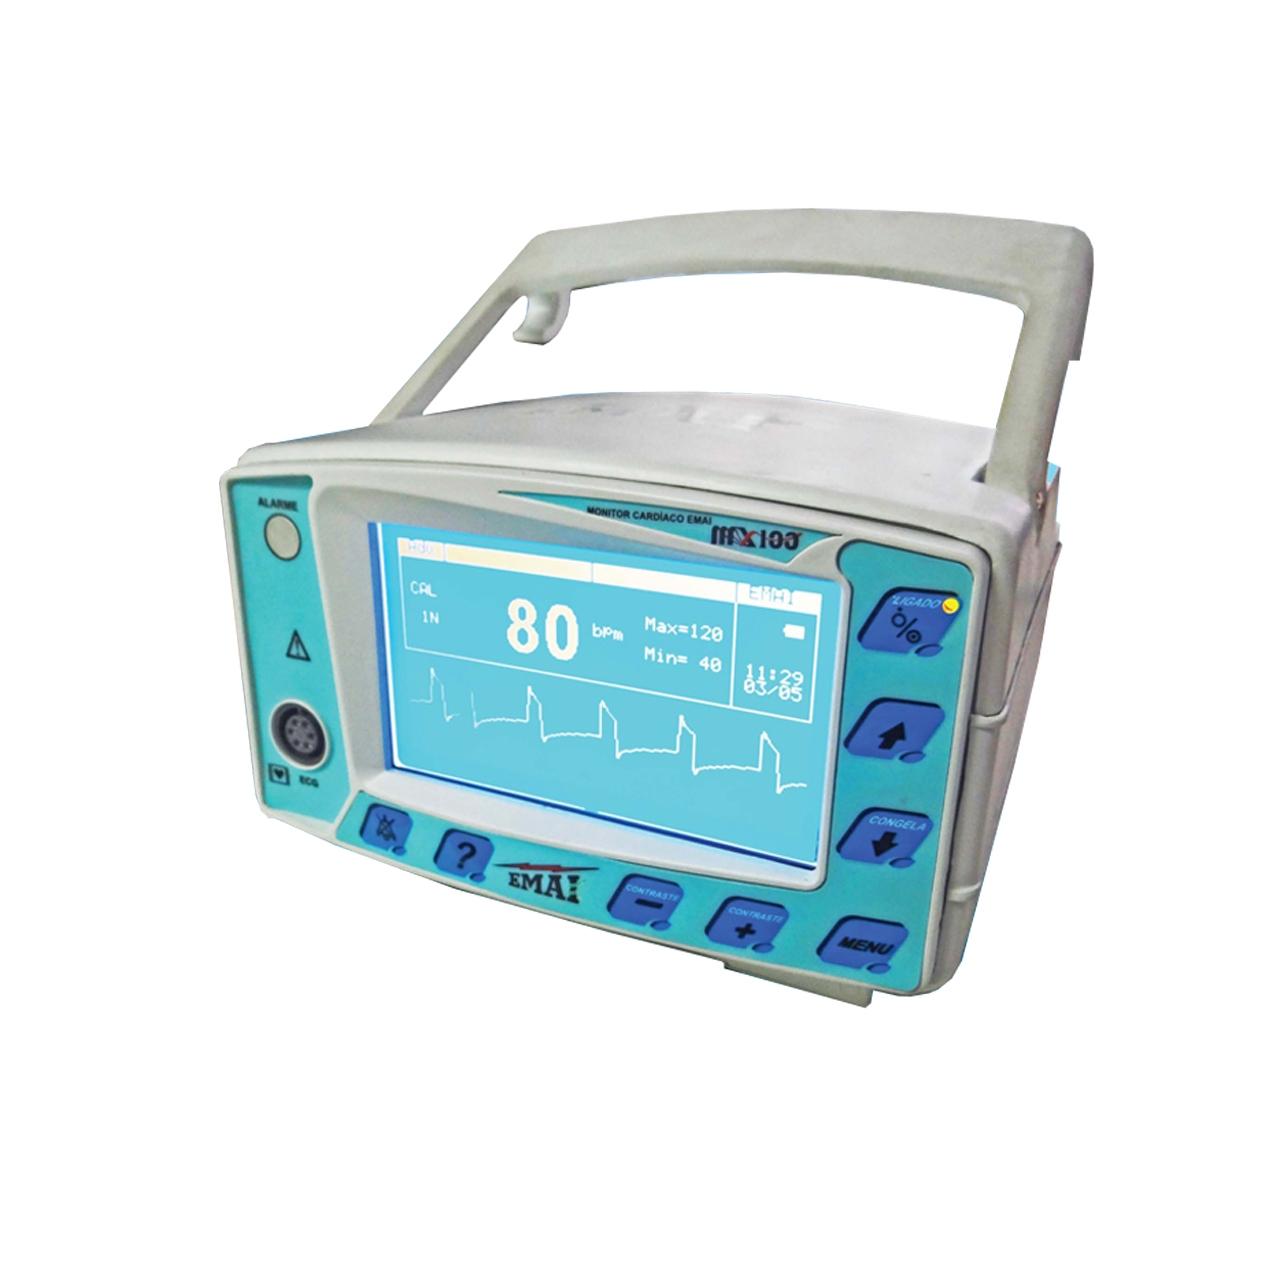 Monitor Cardíaco - MX 100 - EMAI